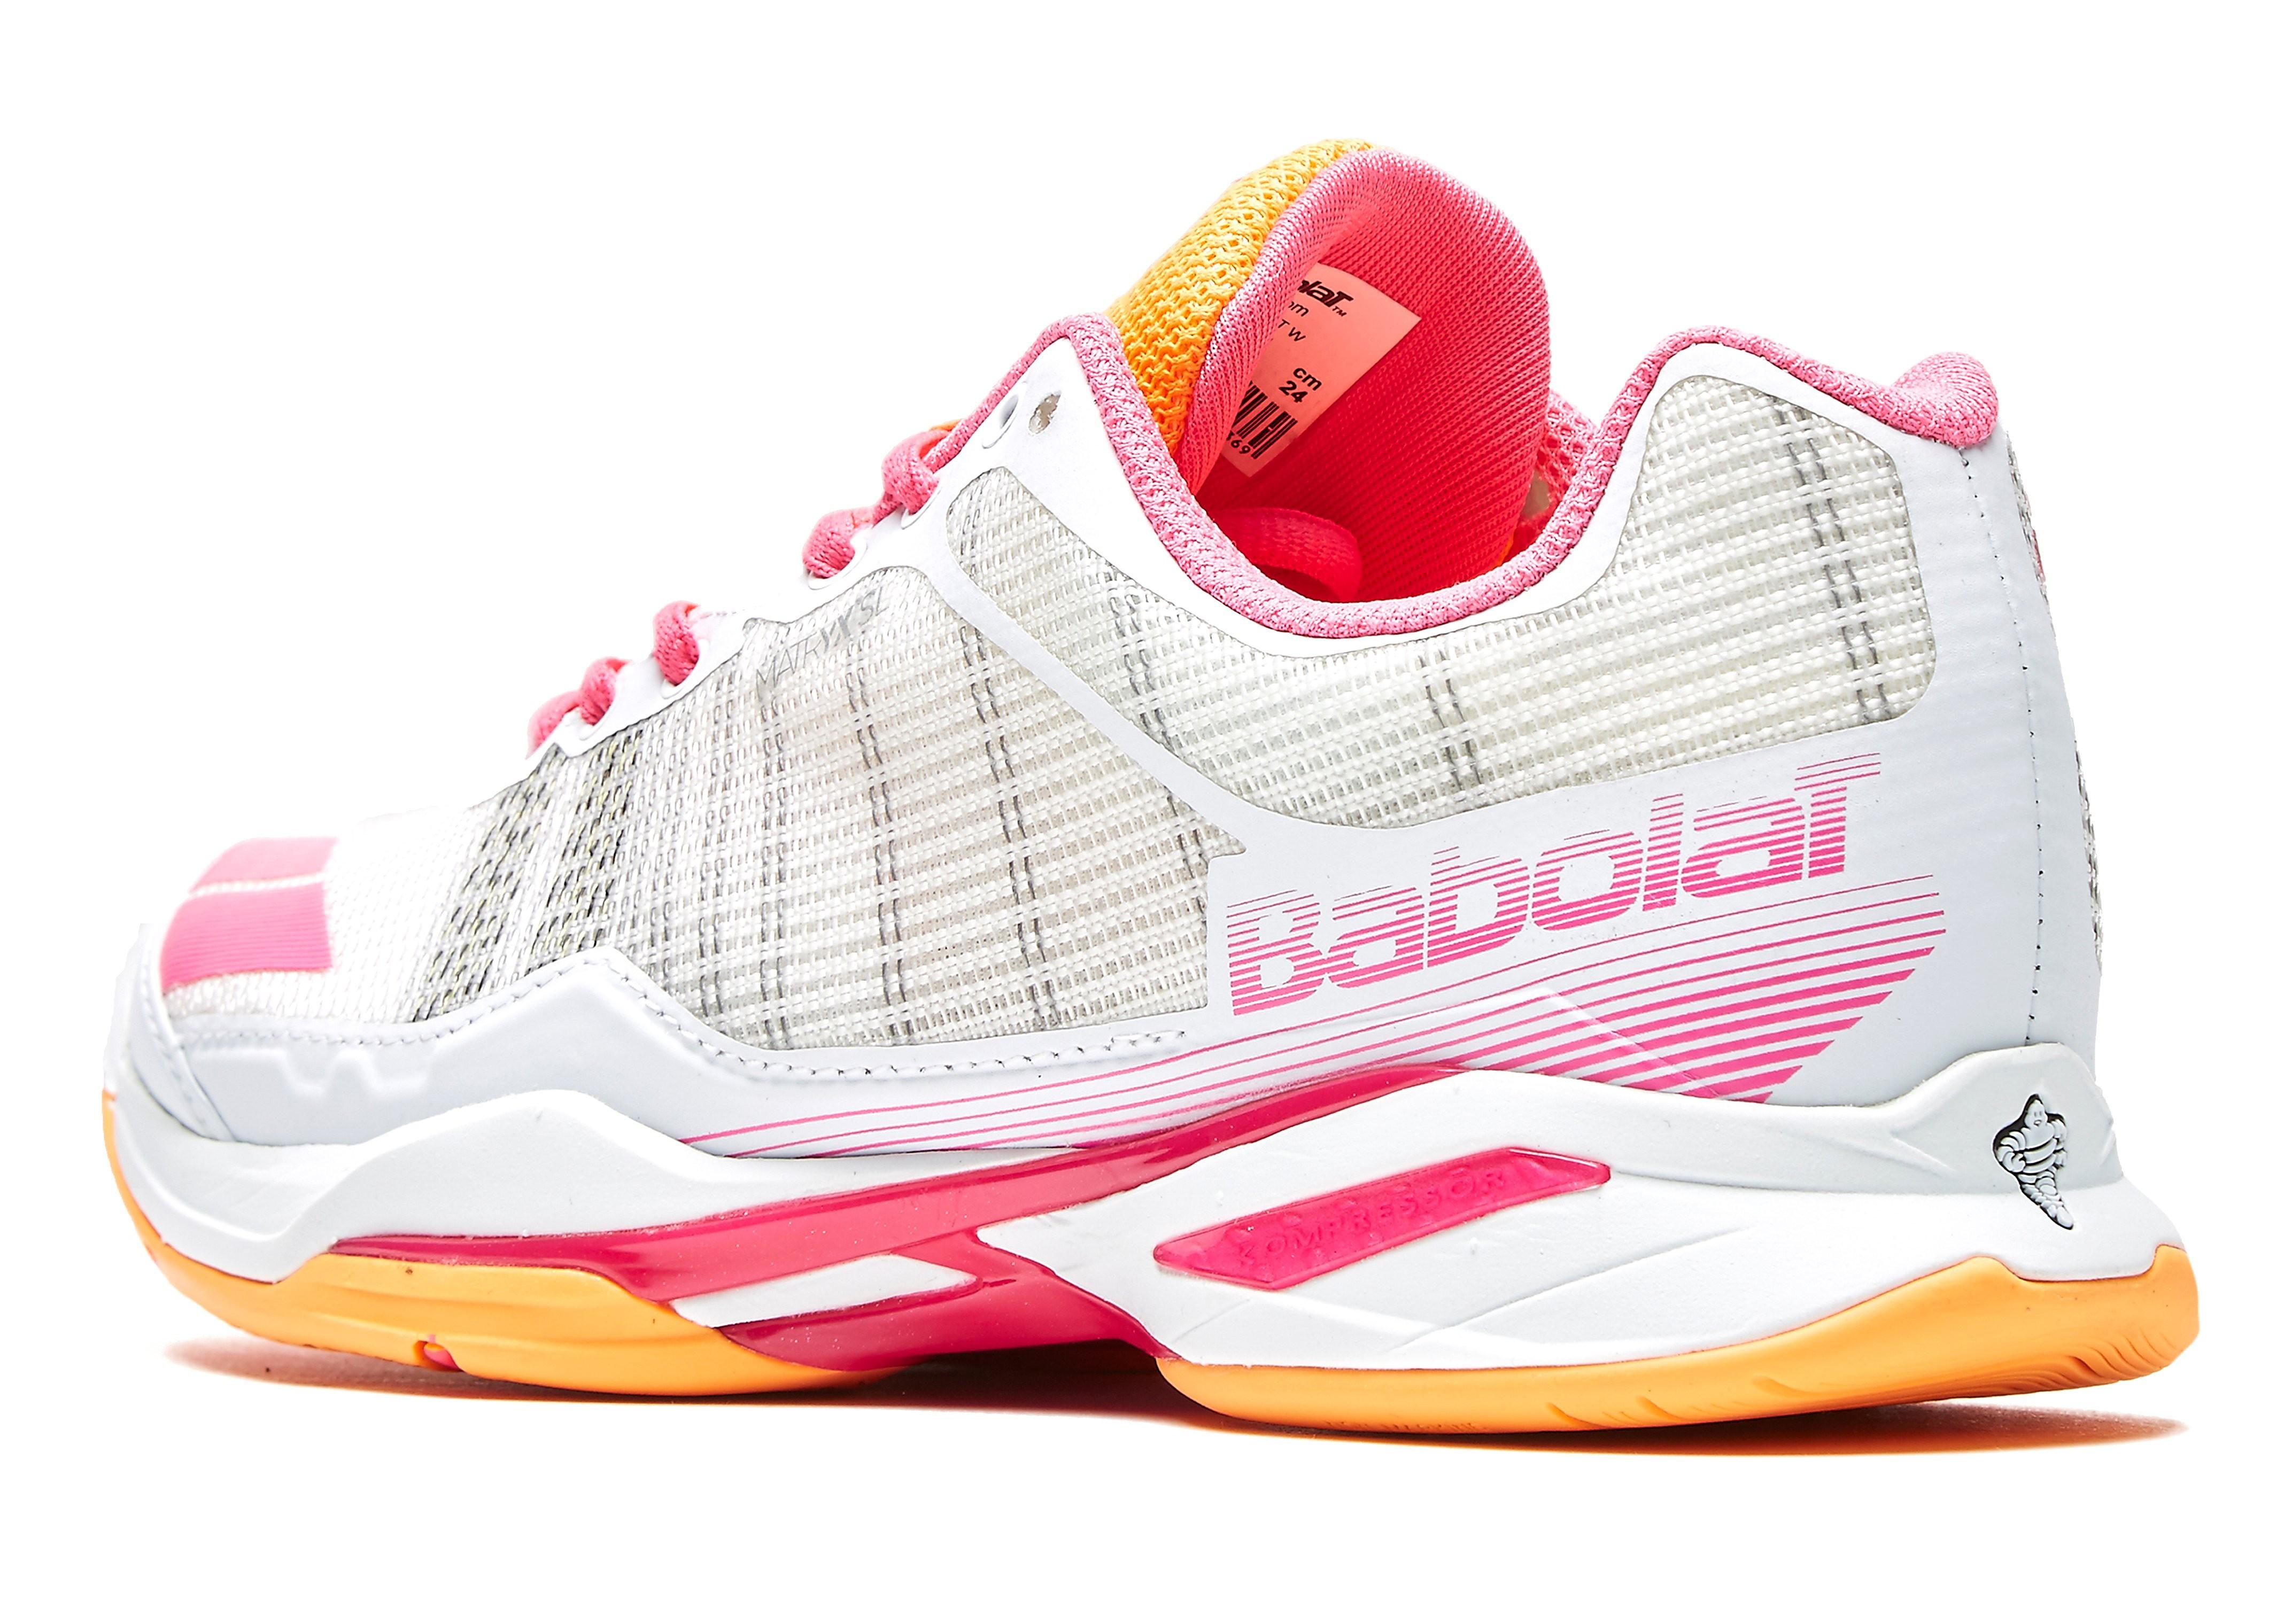 Babolat Jet Team All Court Tennis Shoe Women's